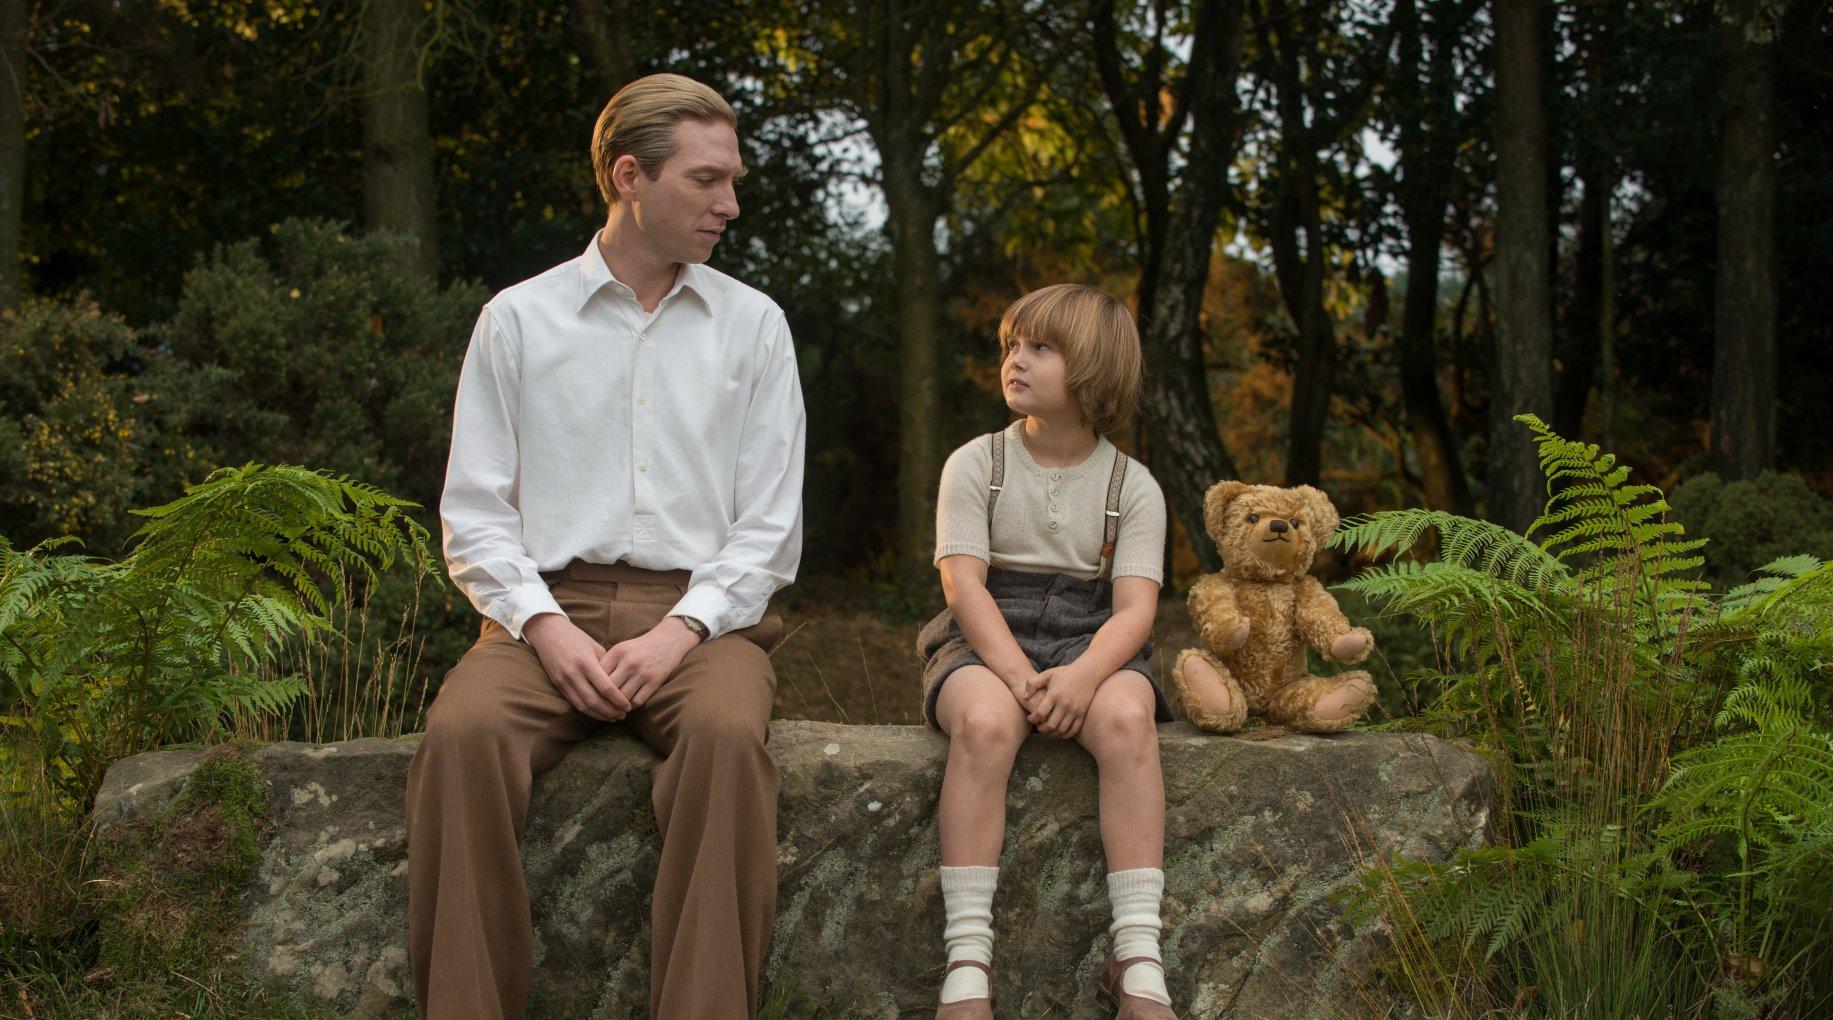 หนัง Goodbye Christopher Robin - แด่ คริสโตเฟอร์ โรบิน ตำนานวินนี เดอะ พูห์